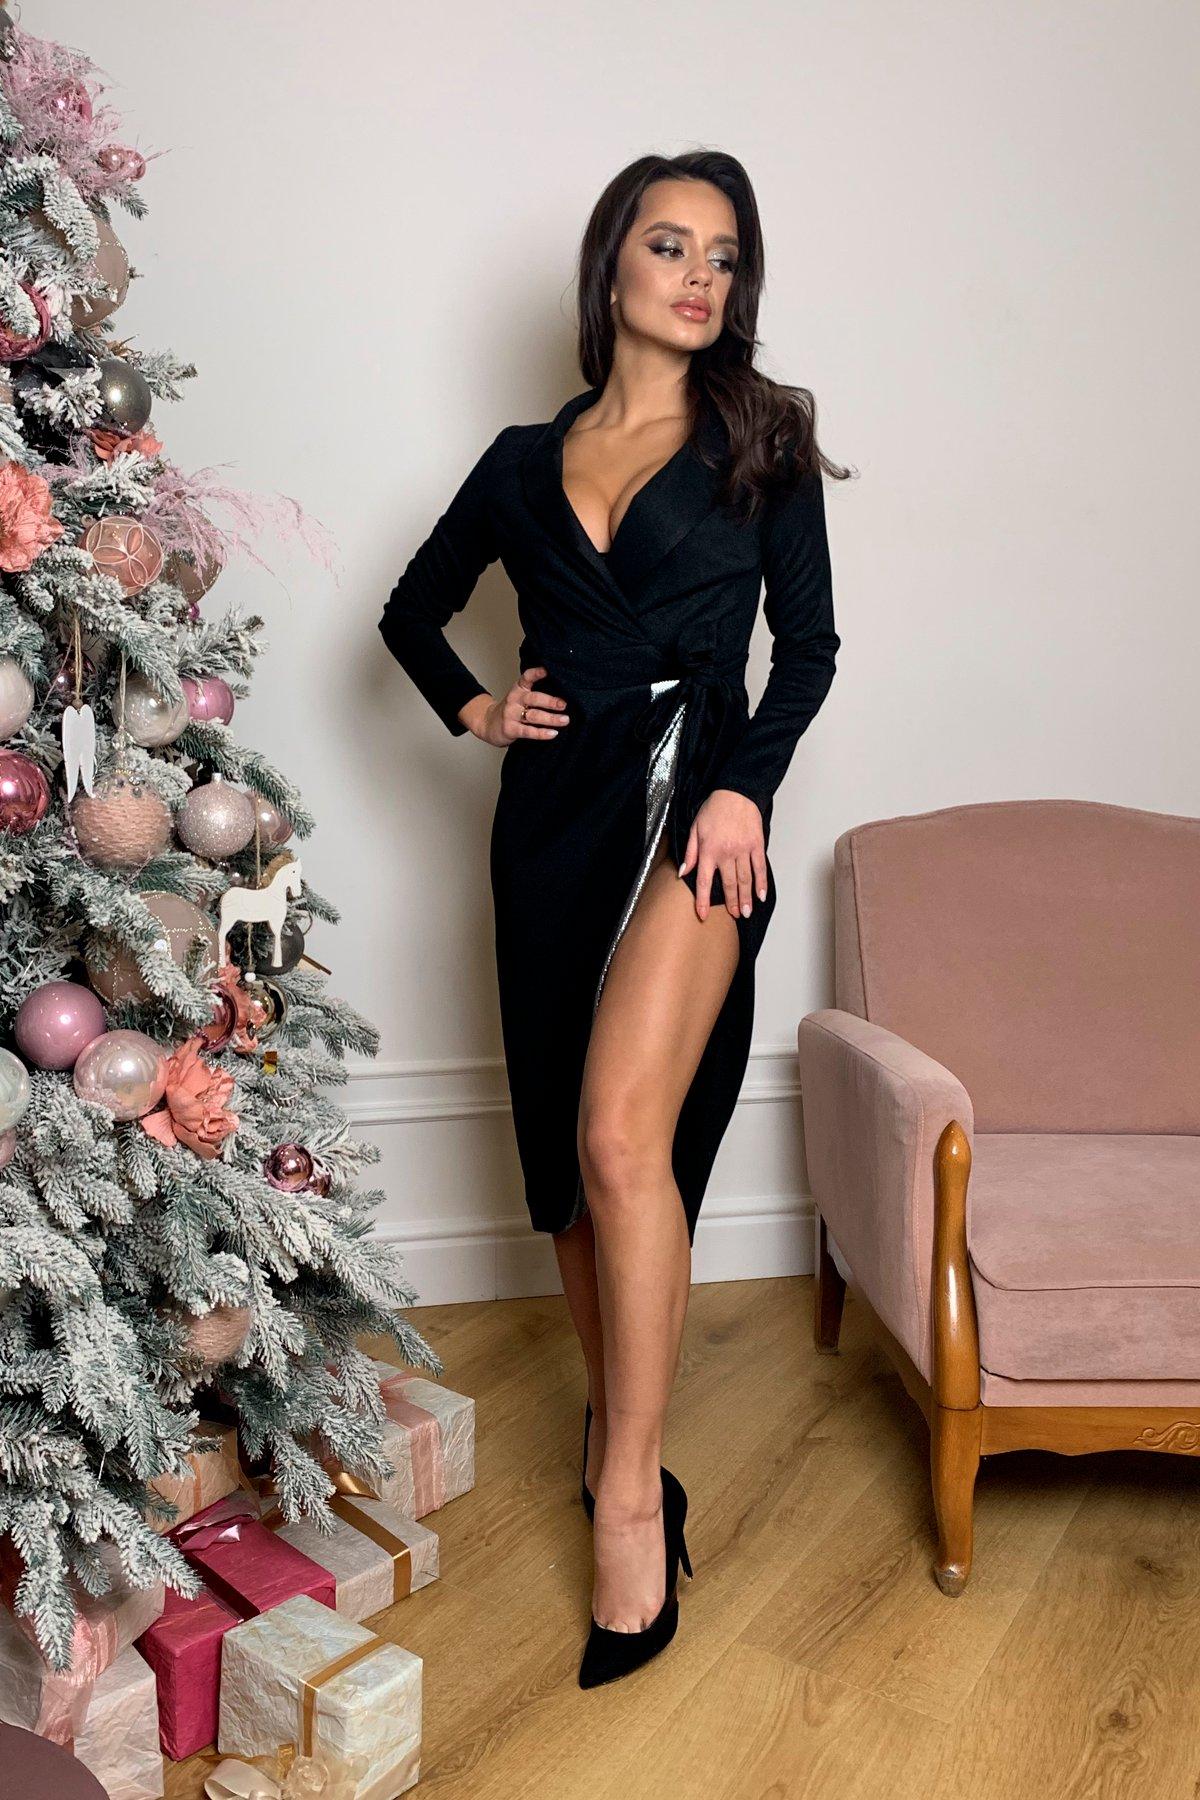 Платье Питта 8507 АРТ. 44799 Цвет: Черный - фото 2, интернет магазин tm-modus.ru